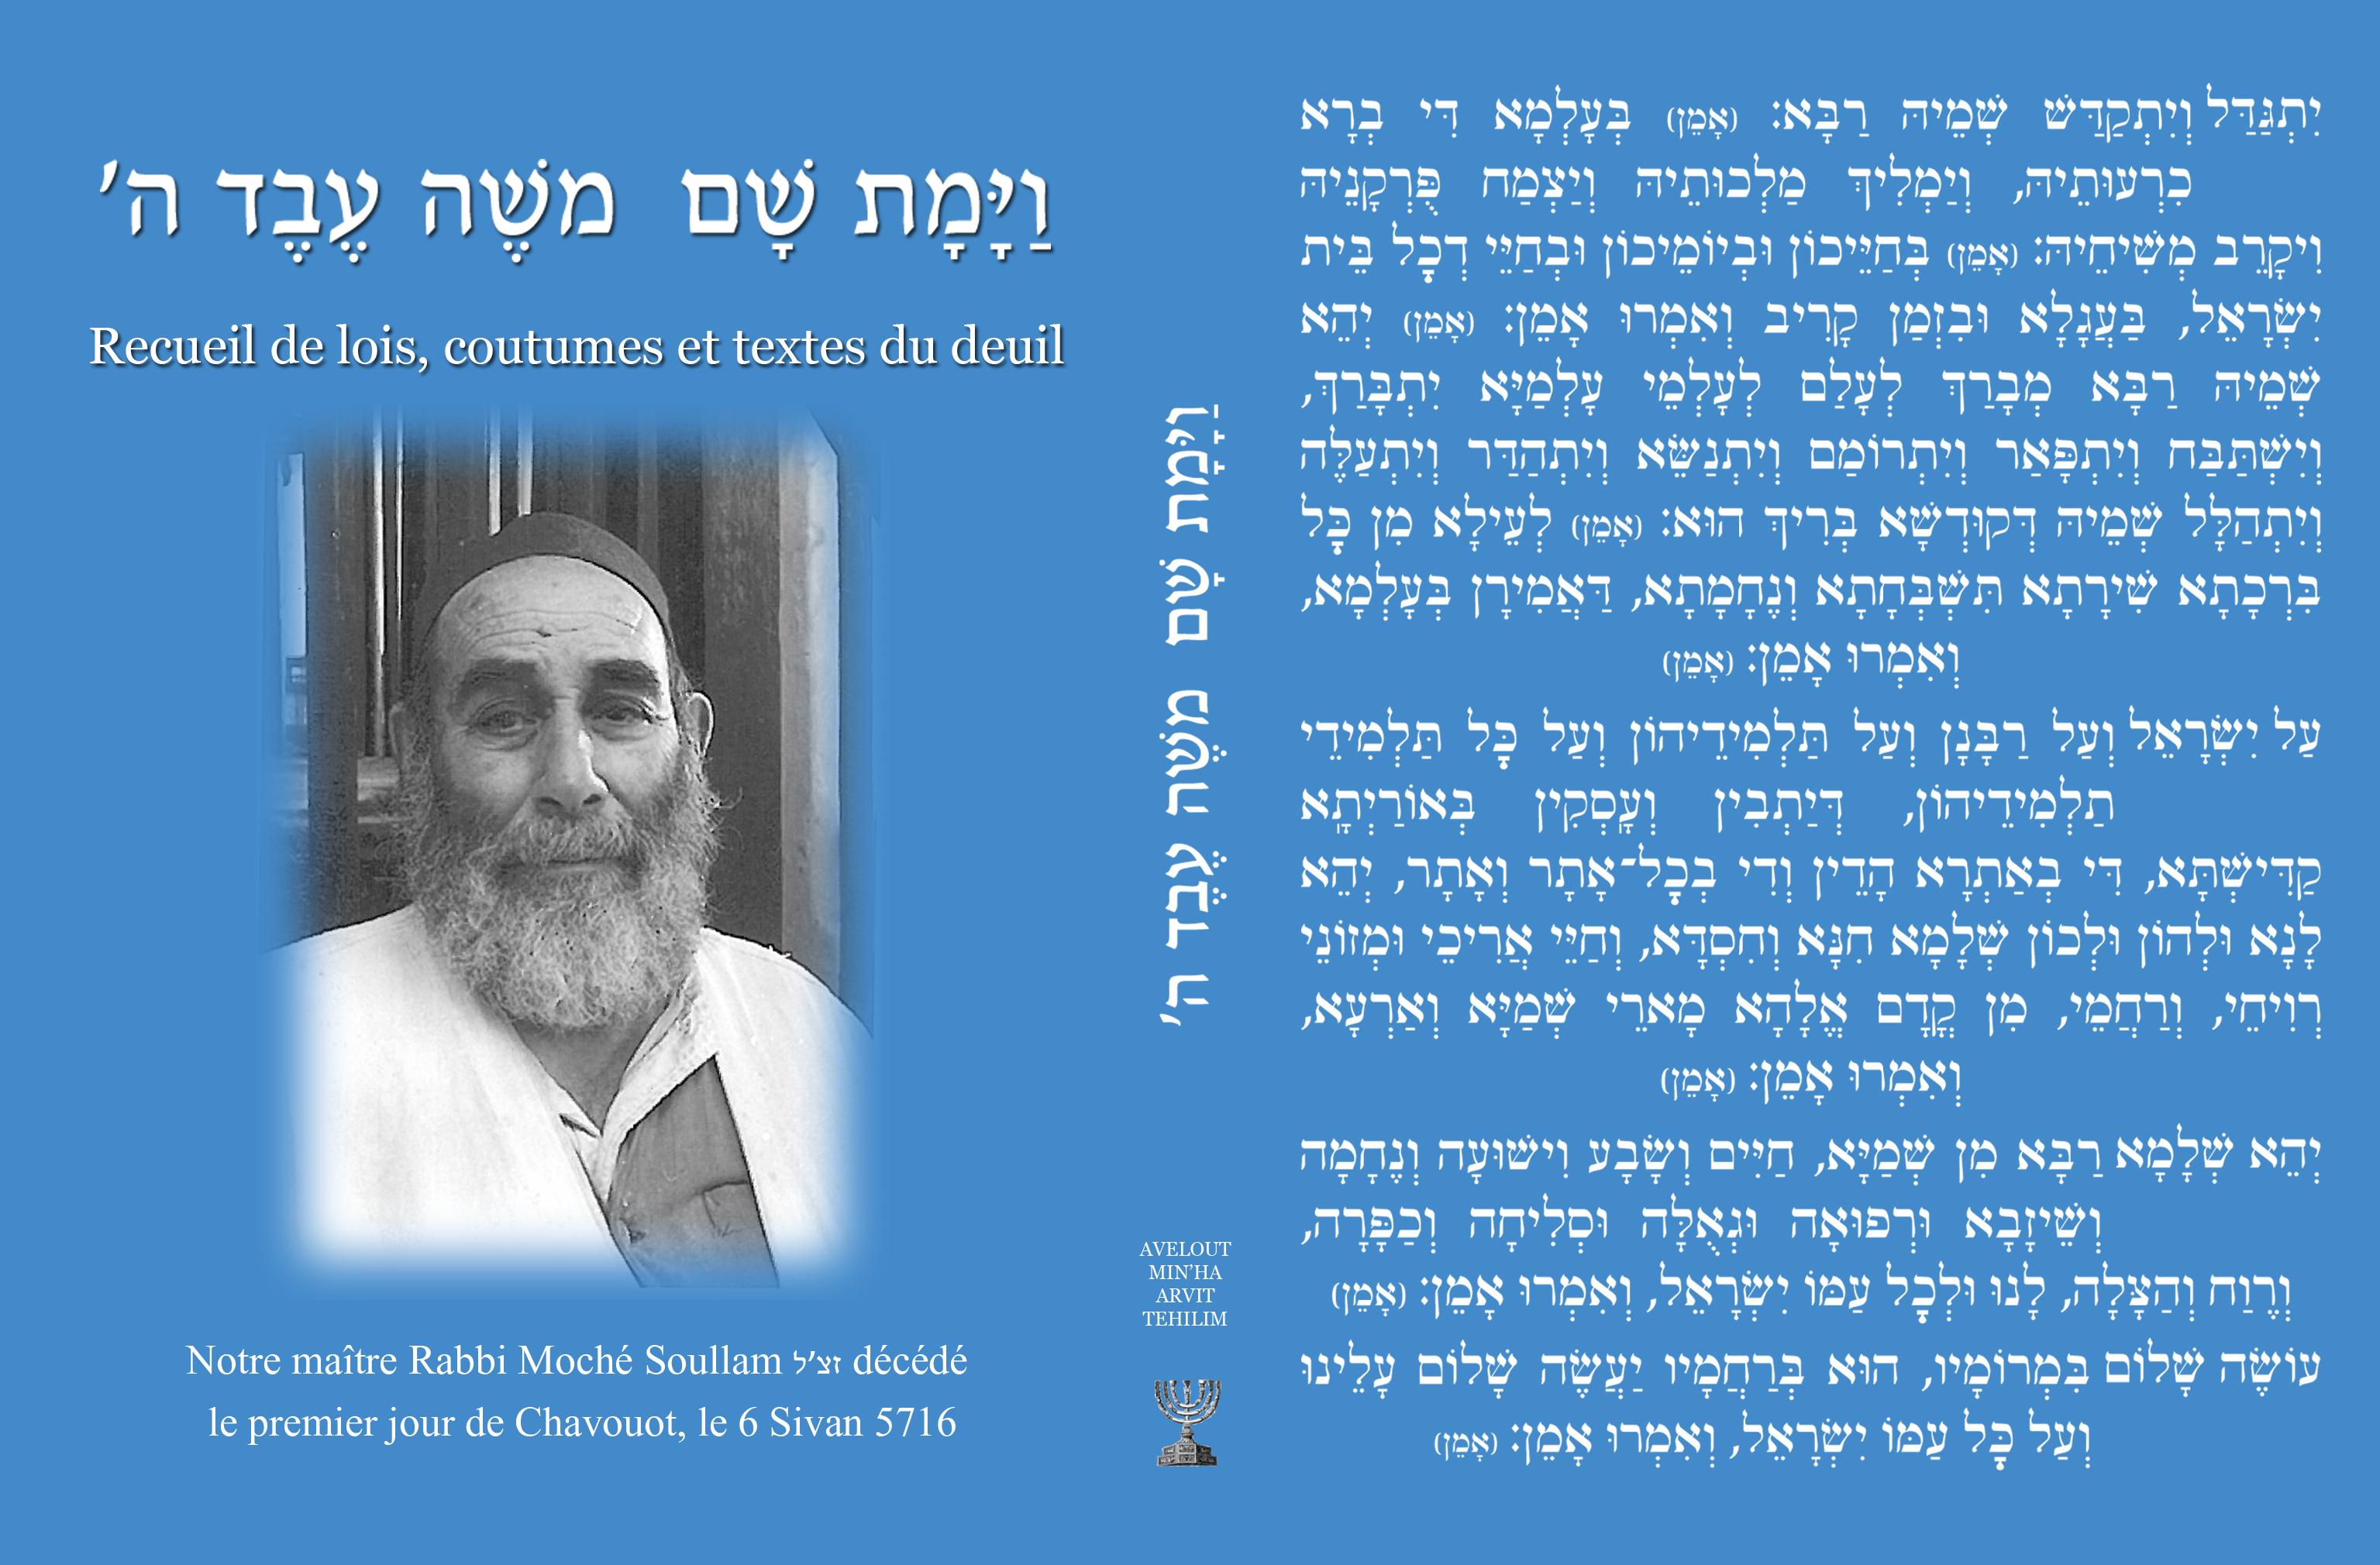 vaymot Moche eved Hachem